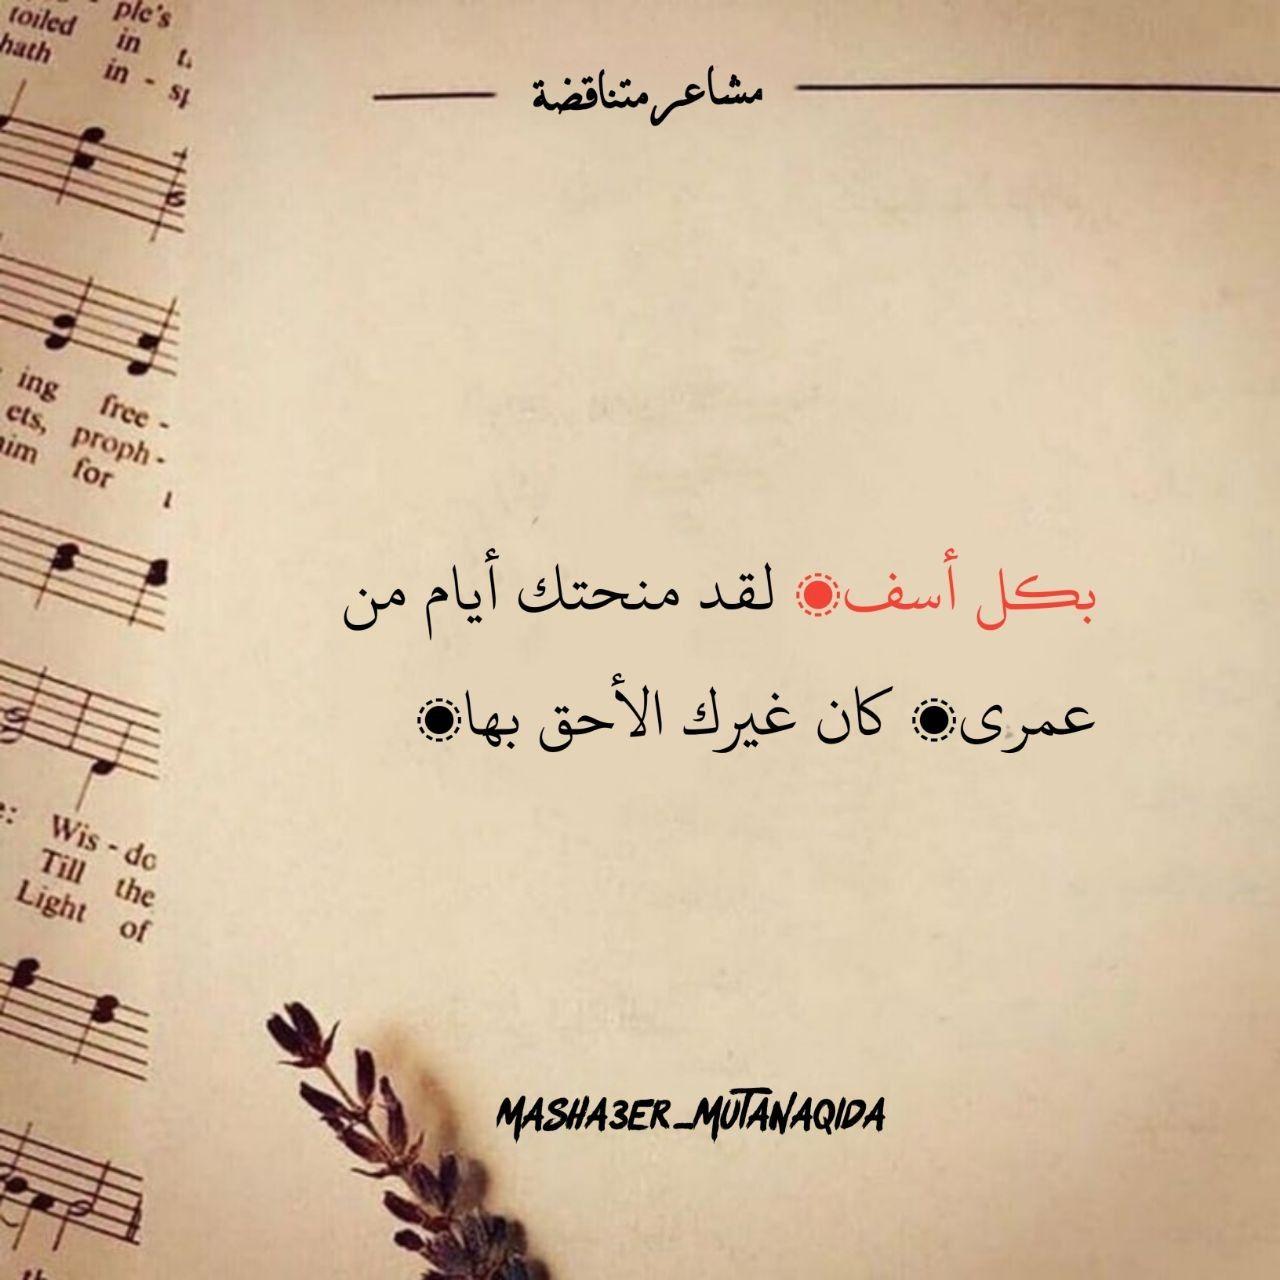 بكل أسف لقد منحتك أيام من عمري كان غيرك الأحق بها Instagram Arabic Calligraphy